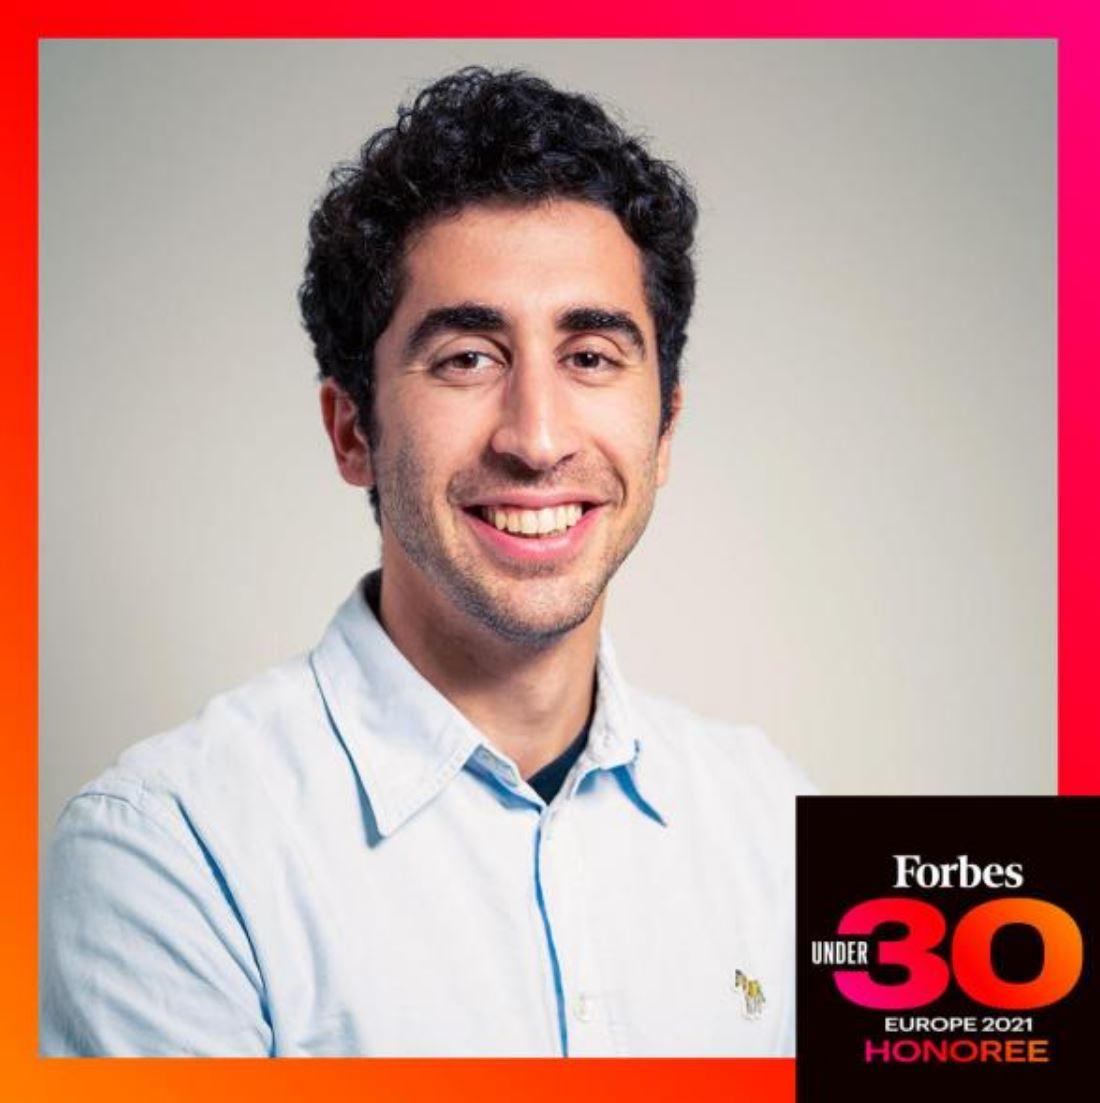 طبيب عماني في قائمة فوربس لأفضل 30 شاب في أوروبا